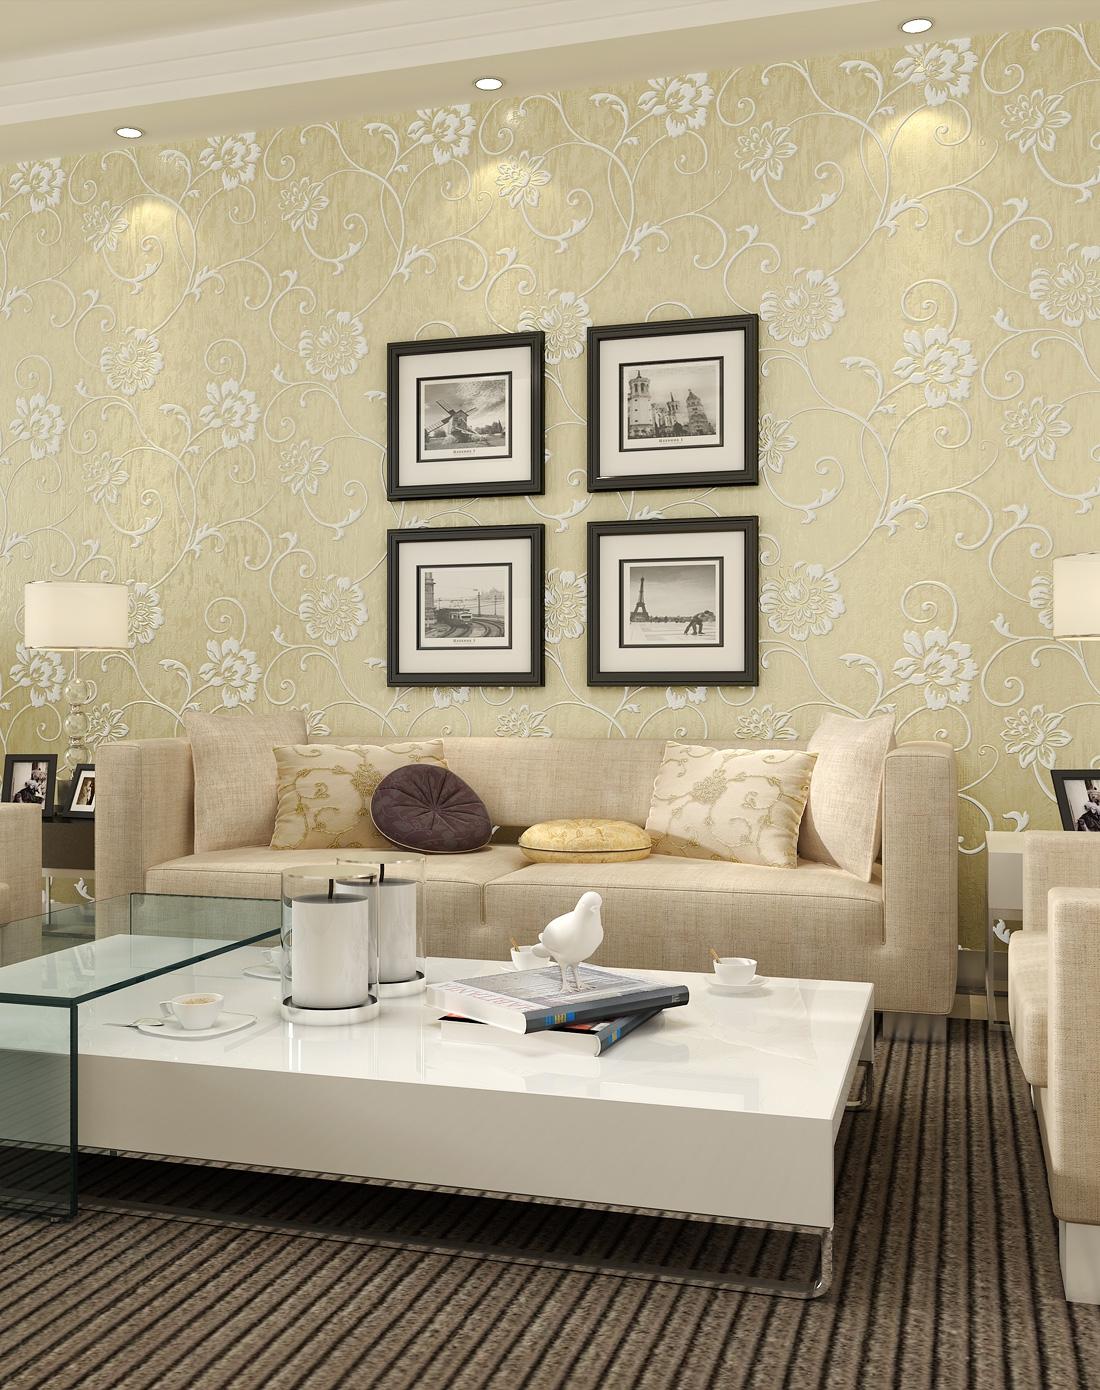 纸尚美学墙纸专场 > 米黄色立体浮雕3d欧式简约风格壁纸